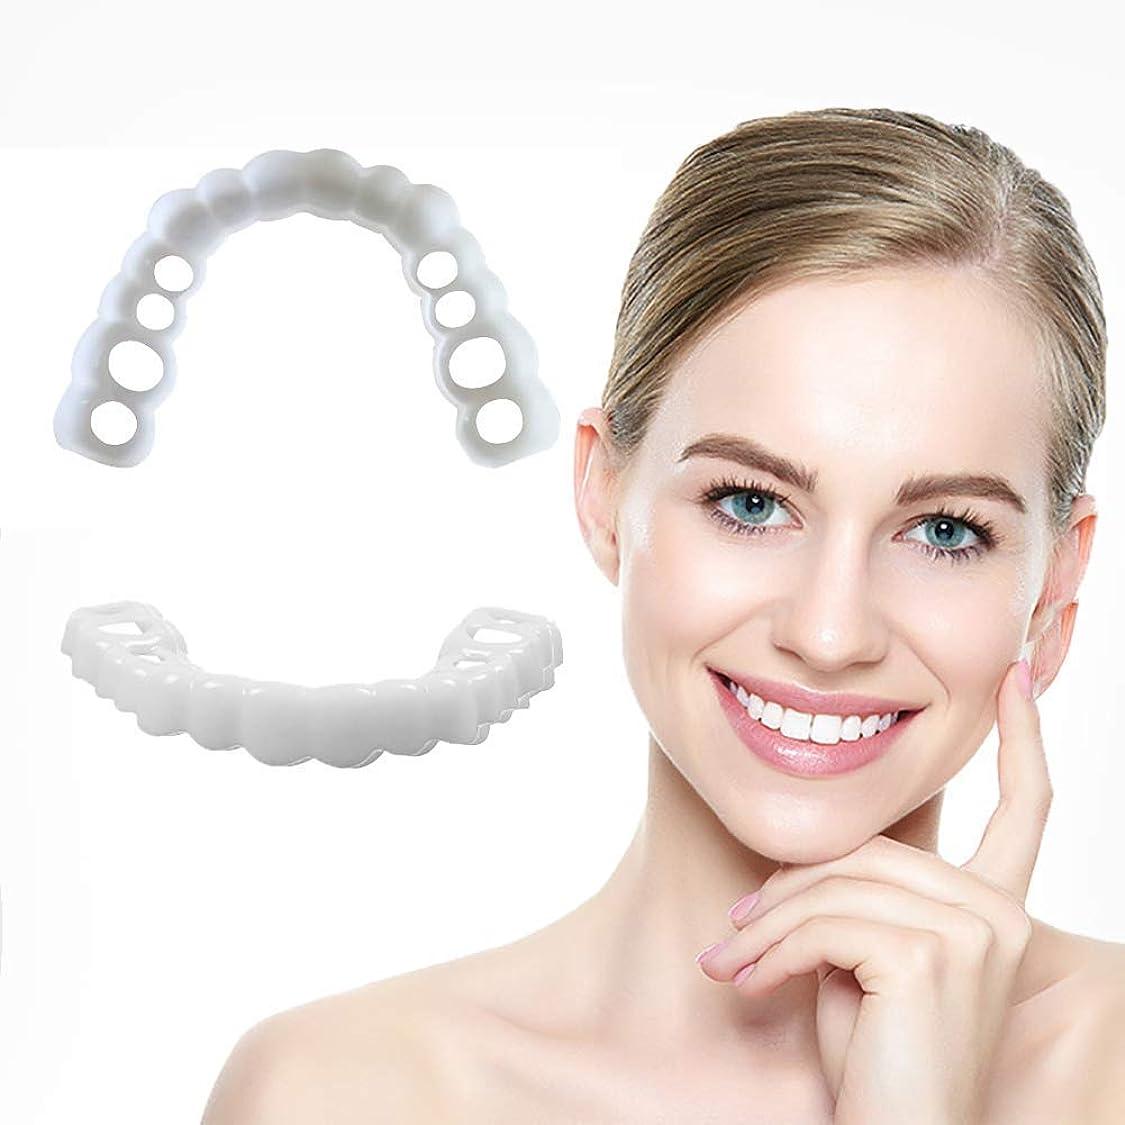 見せます変更署名セットの第二世代のシリコーンのシミュレーションの歯科用義歯を白くする上下の歯の模擬装具,4pcs,Lowerteeth